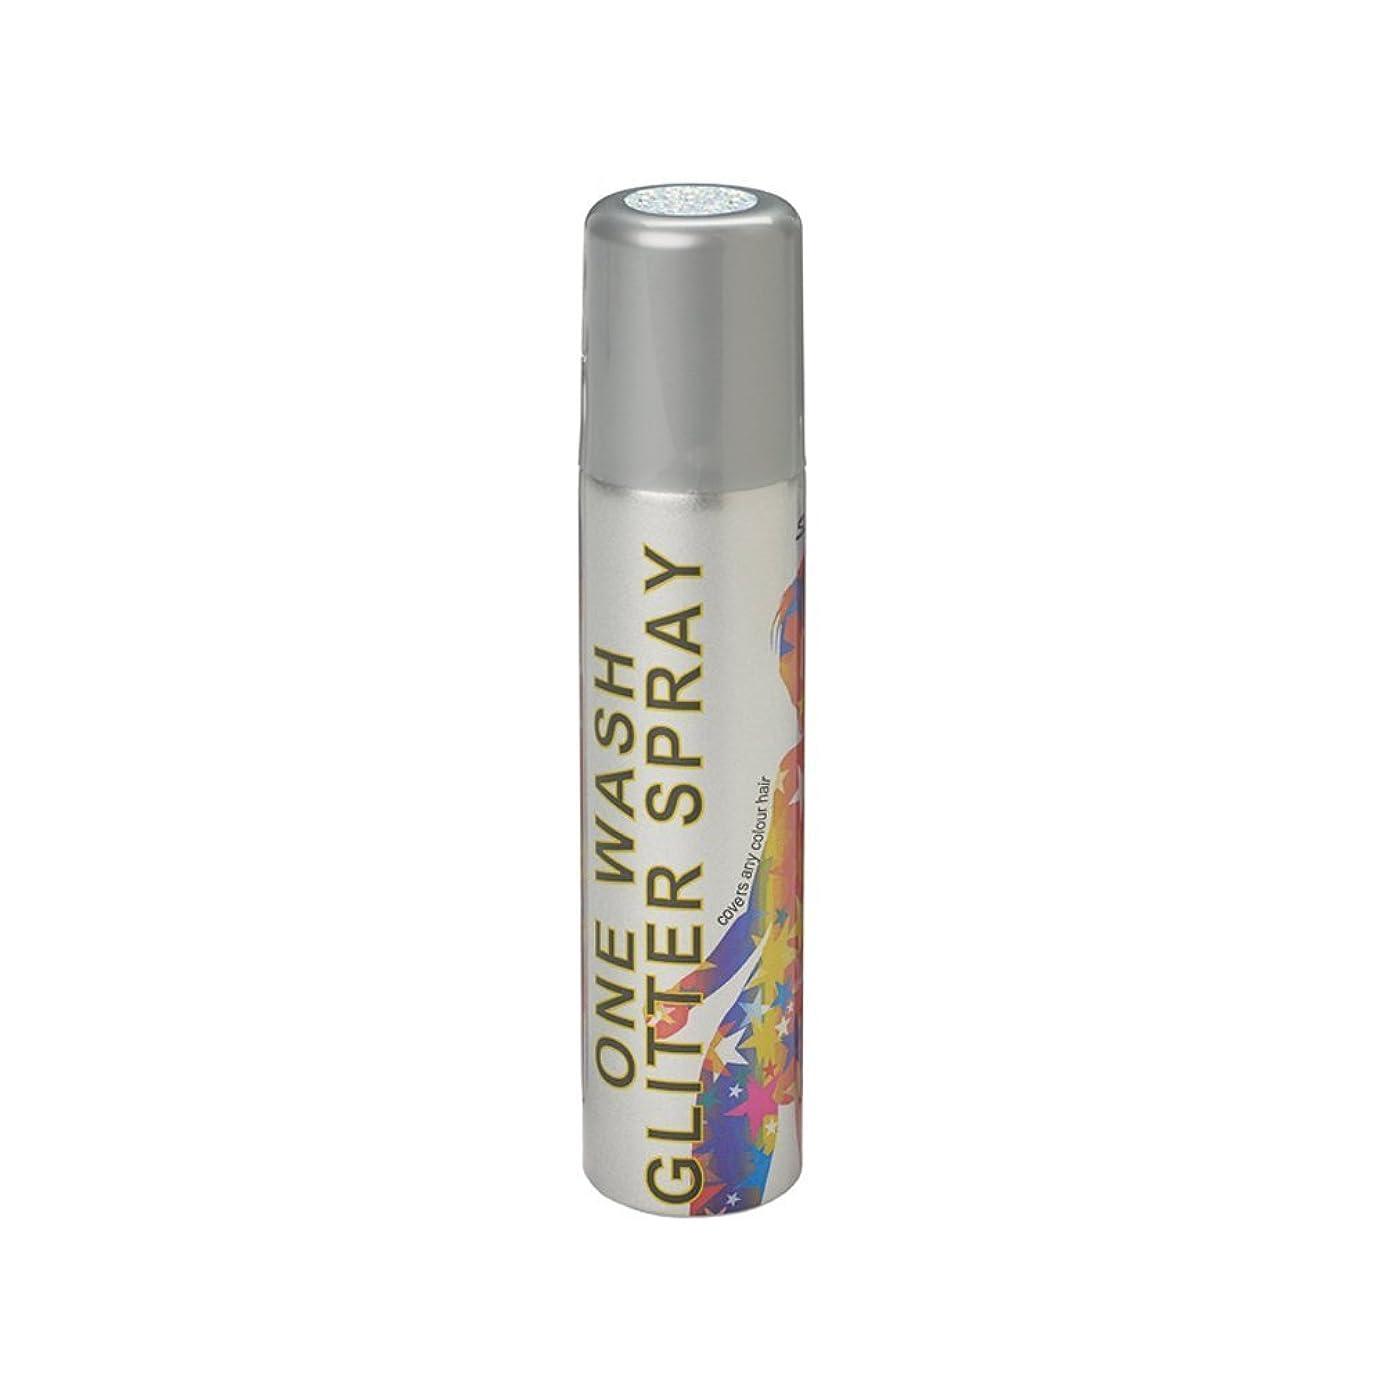 製品提供されたやむを得ないスターゲイザー ワンウォッシュ グリッタースプレー 75ml グリッターホワイト